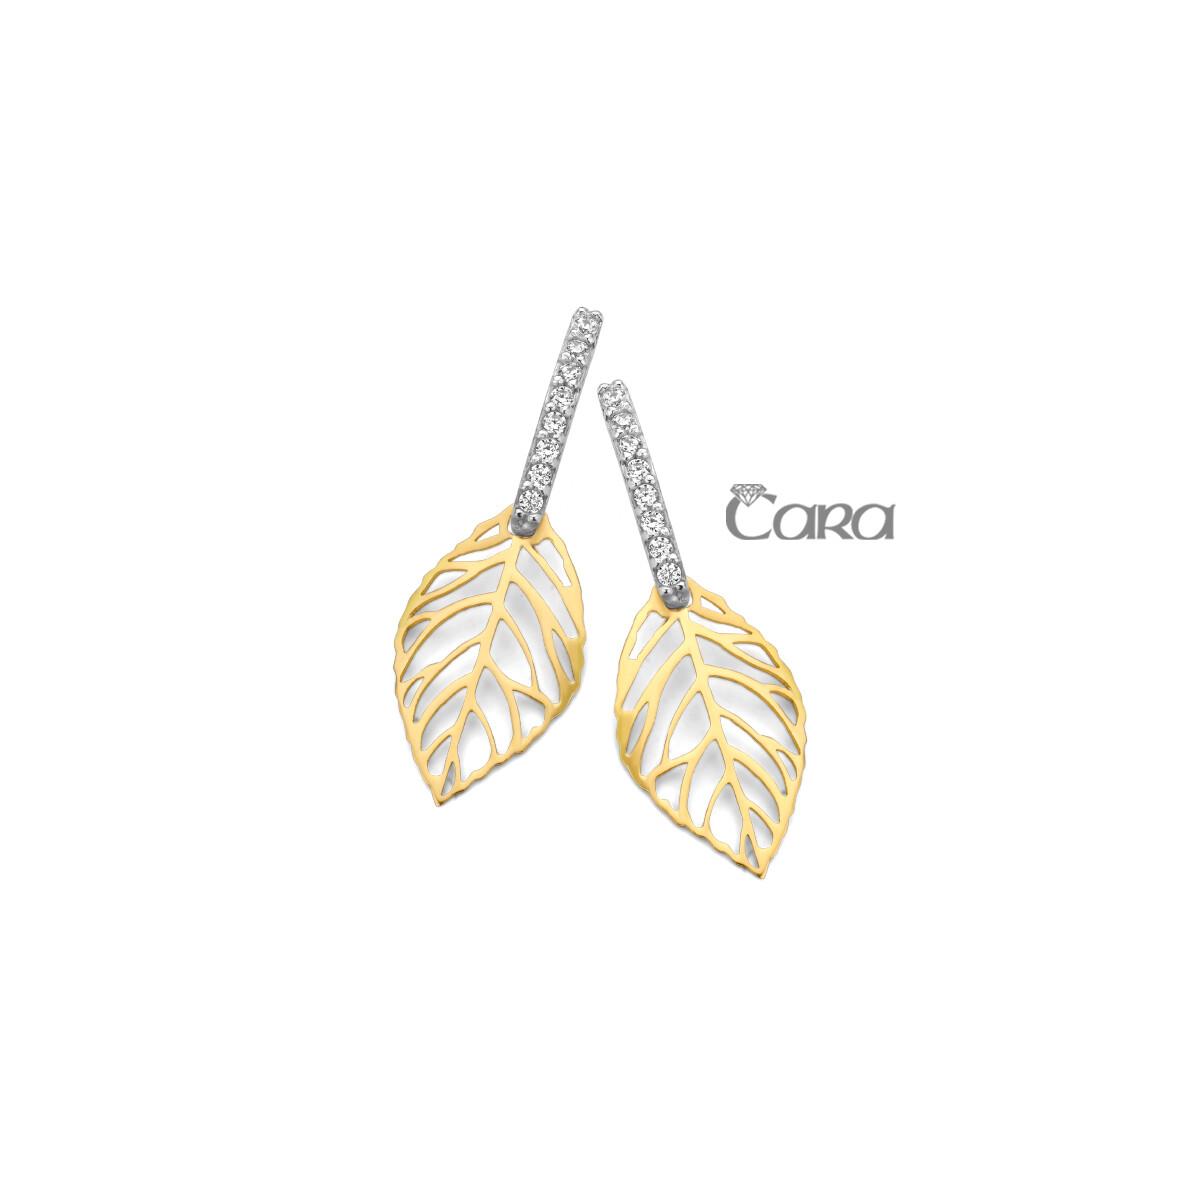 Boucles d'oreilles Cara CA067